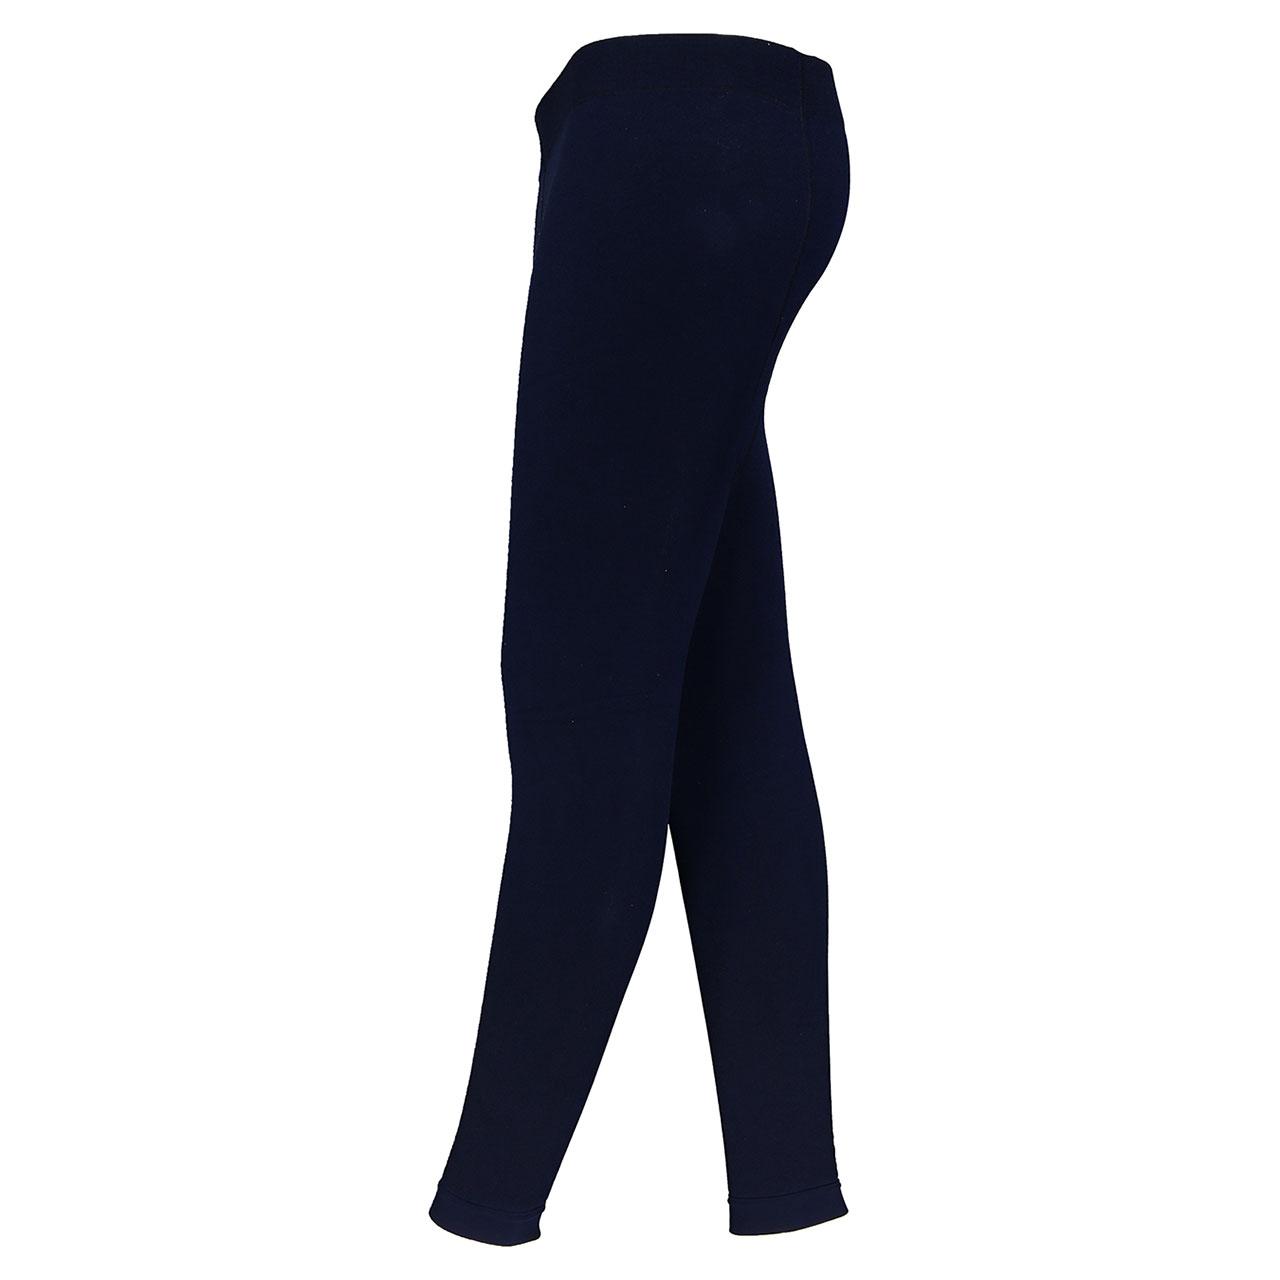 ساق شلواری زنانه مون مدل 1631108-59